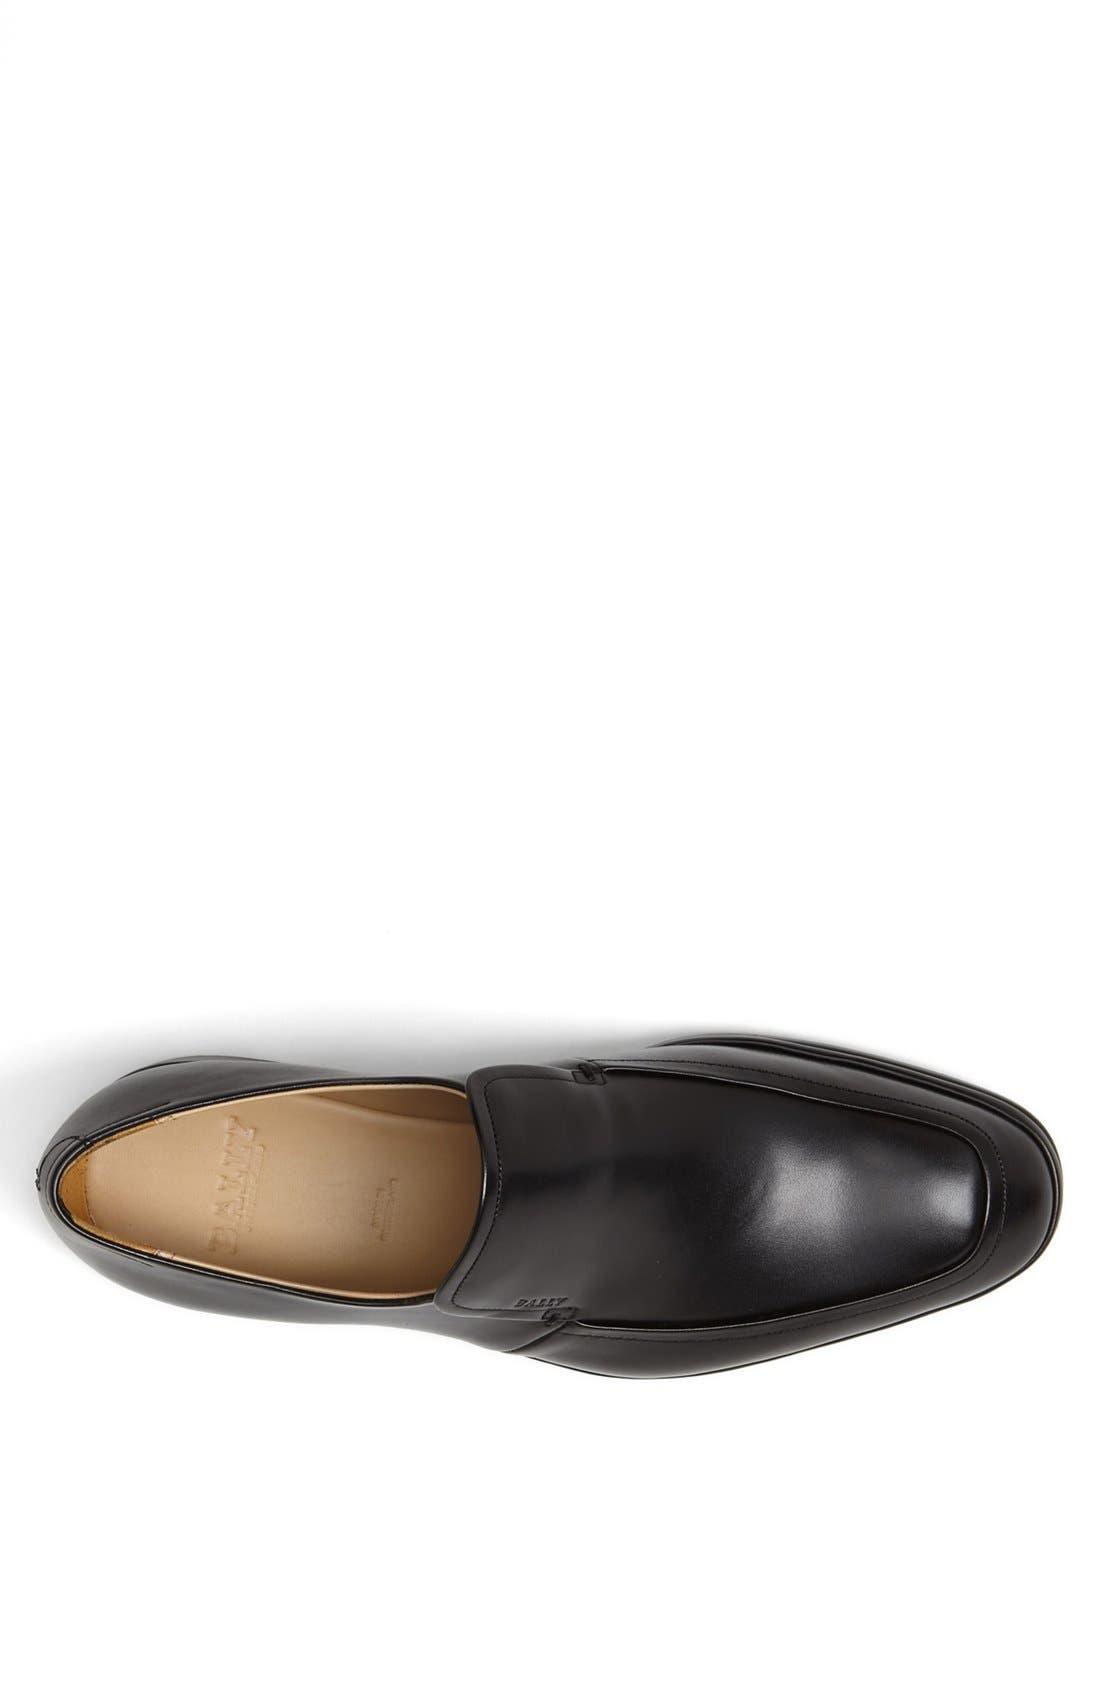 Alternate Image 3  - Bally 'Nexaro' Venetian Loafer